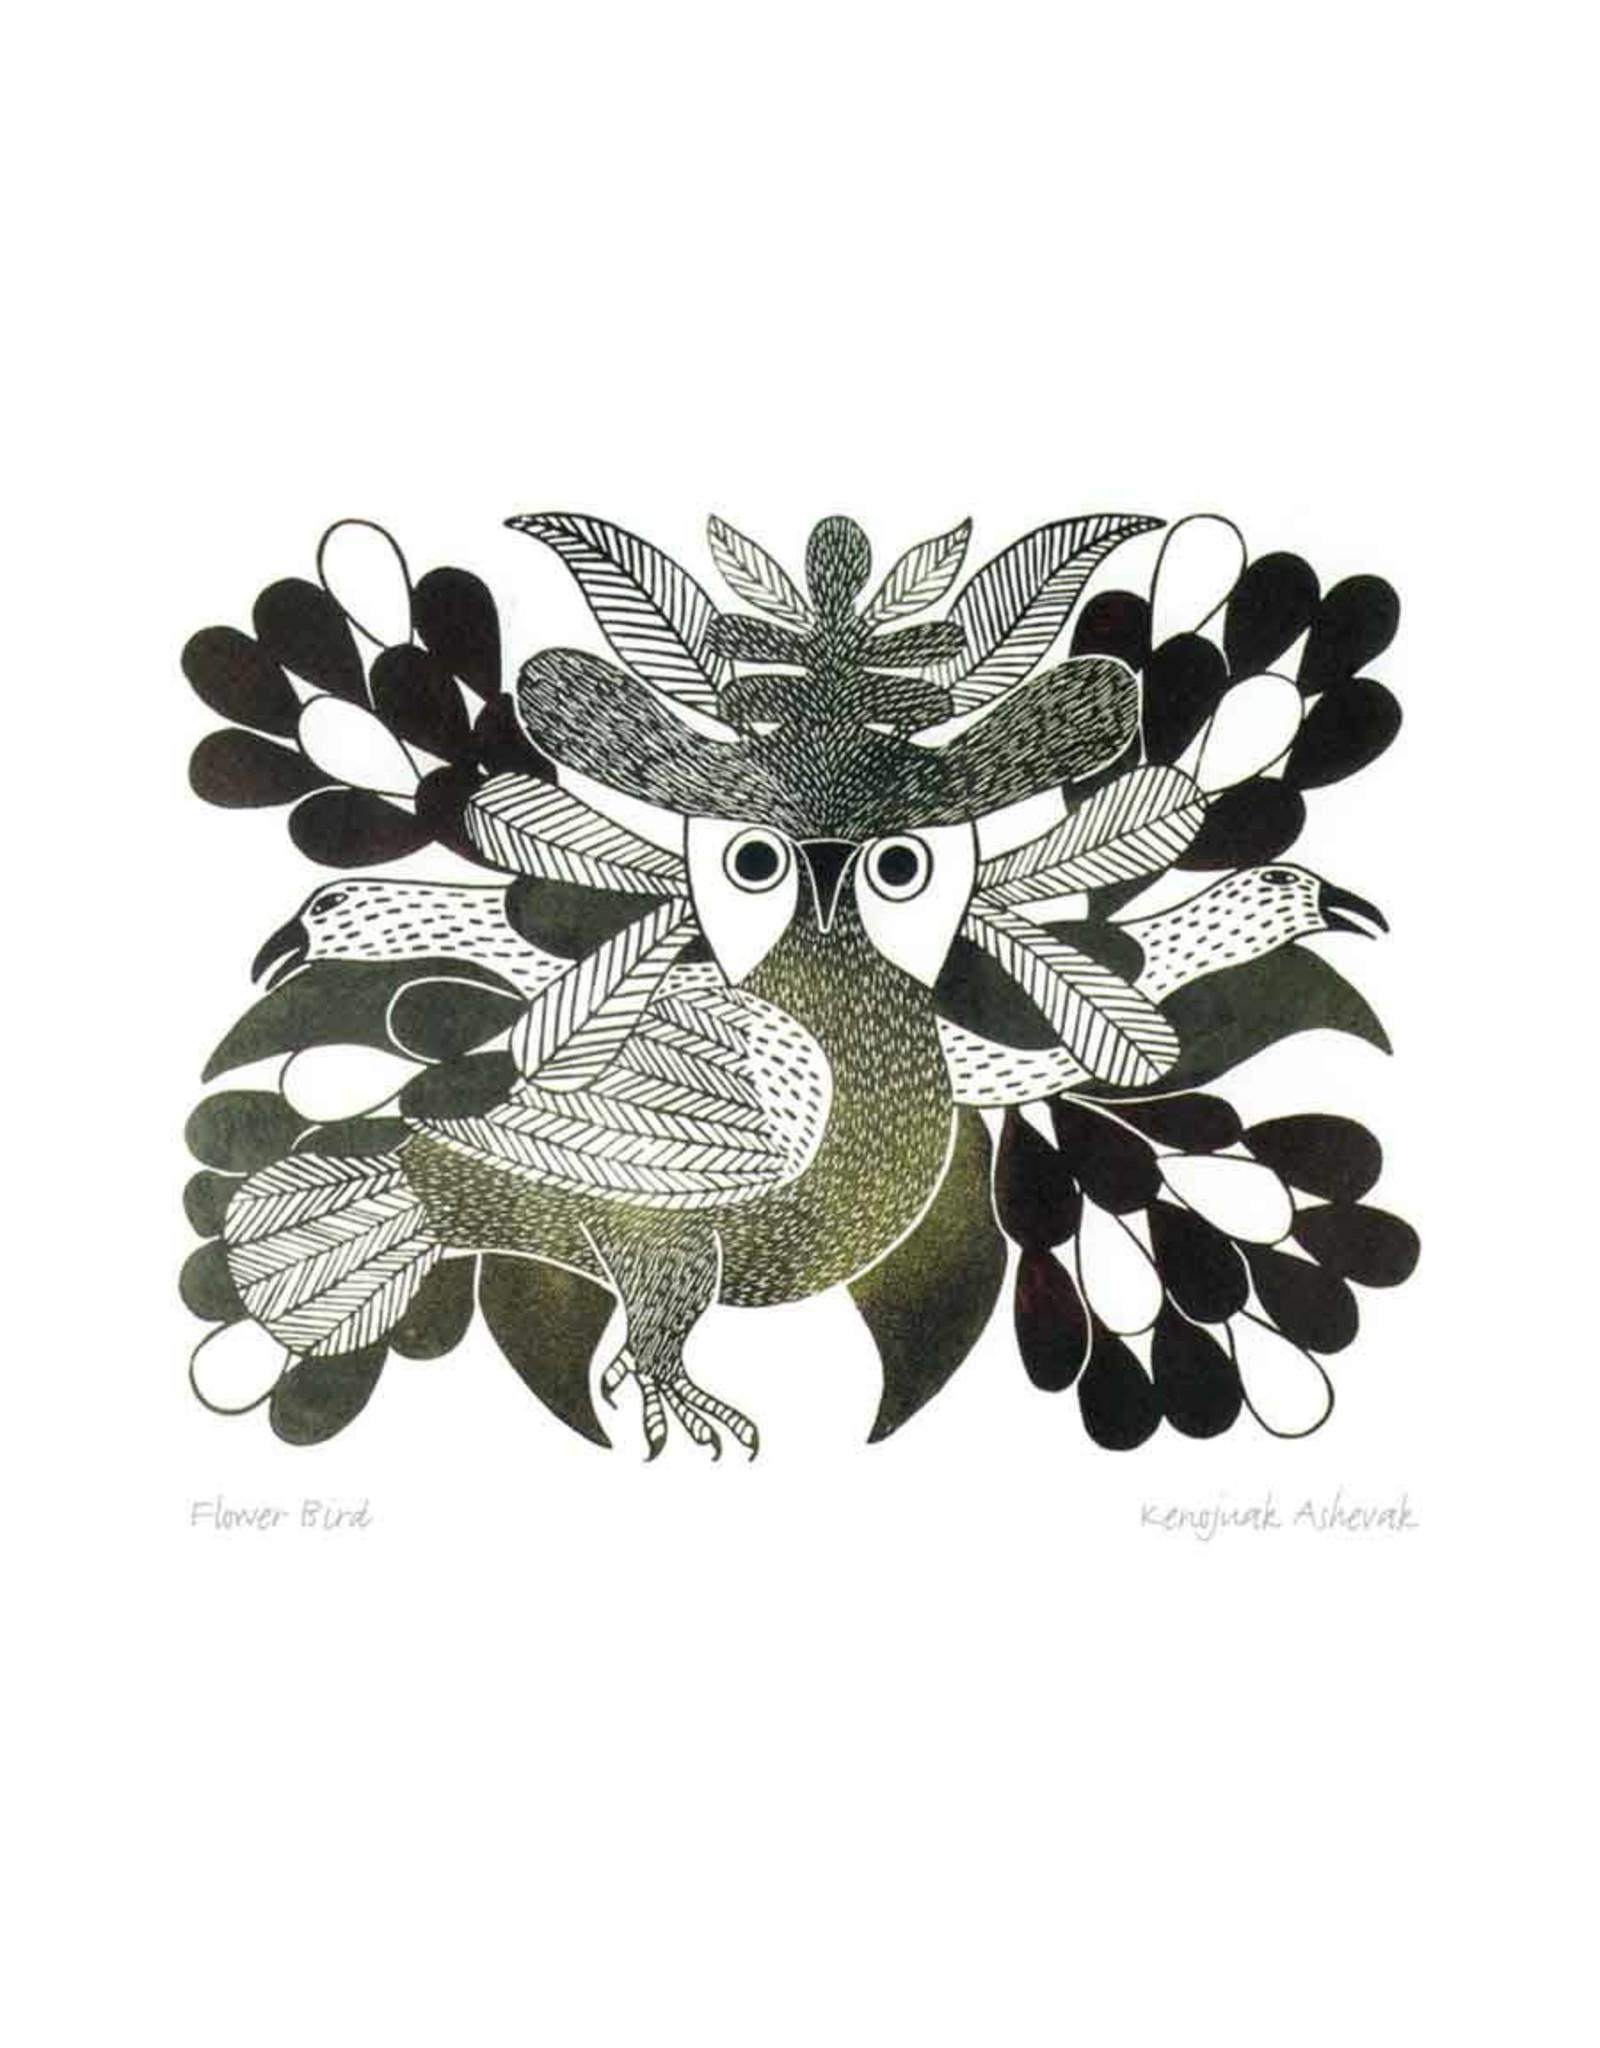 Flower Bird by Kenojuak Ashevak Card